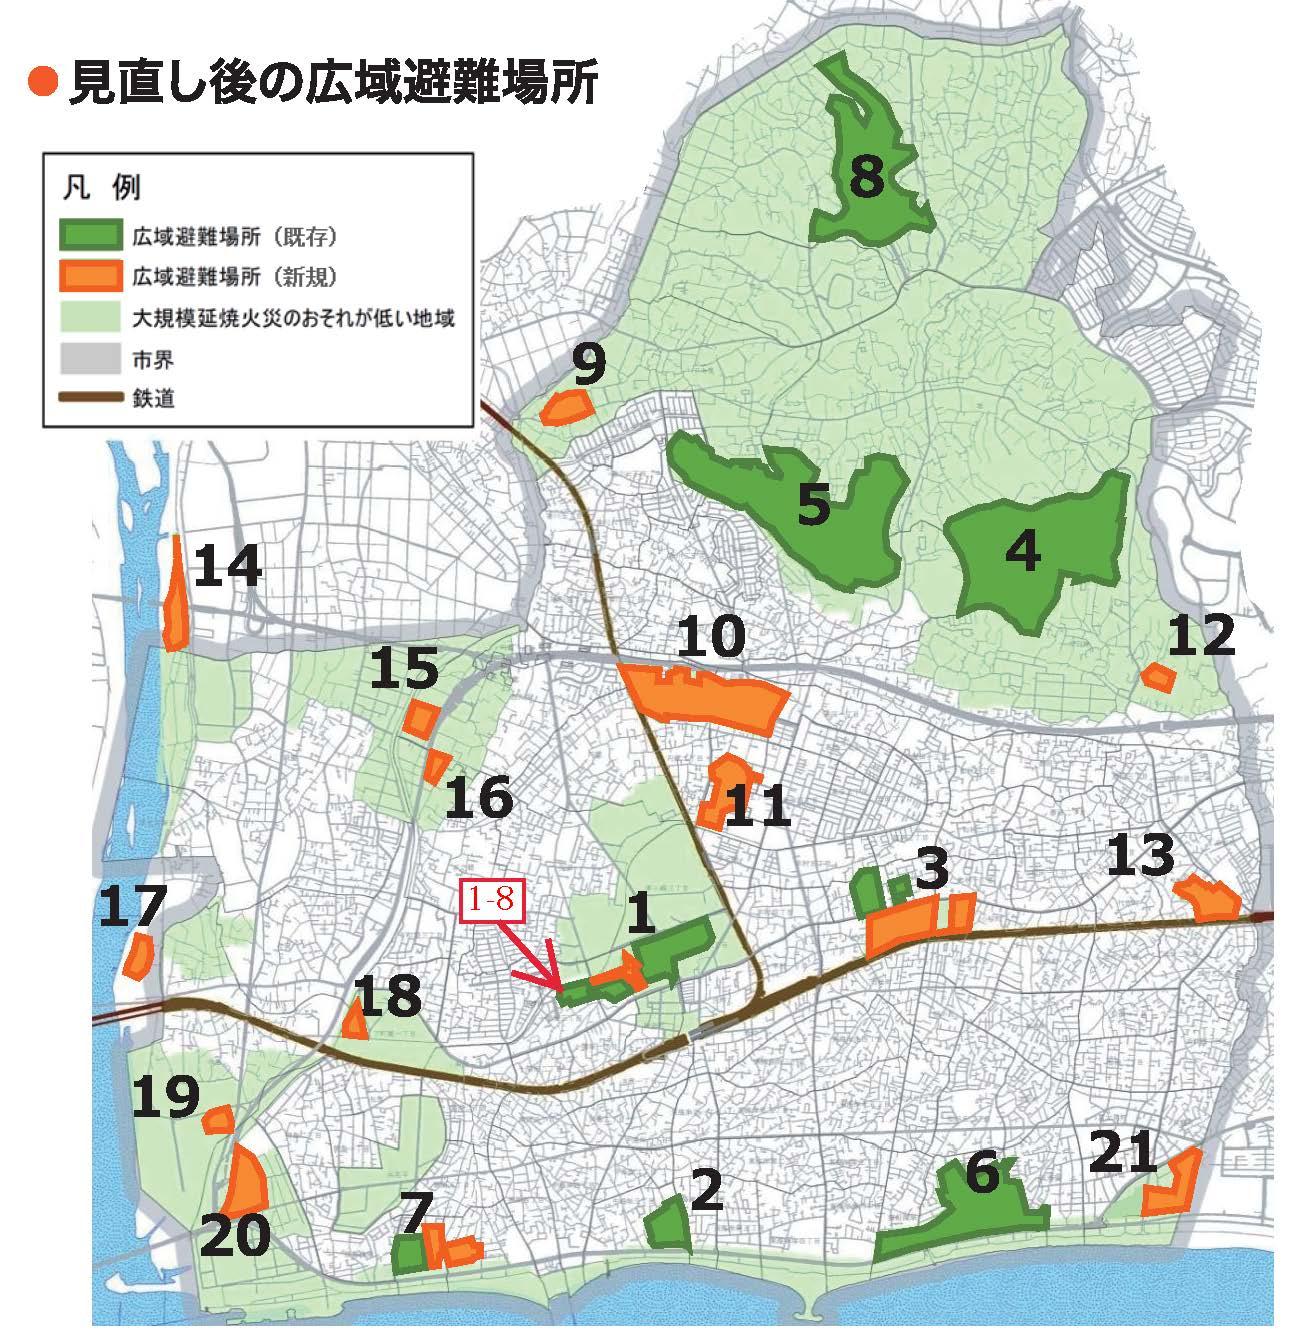 1.8.広域避難場所_茅ヶ崎市地図